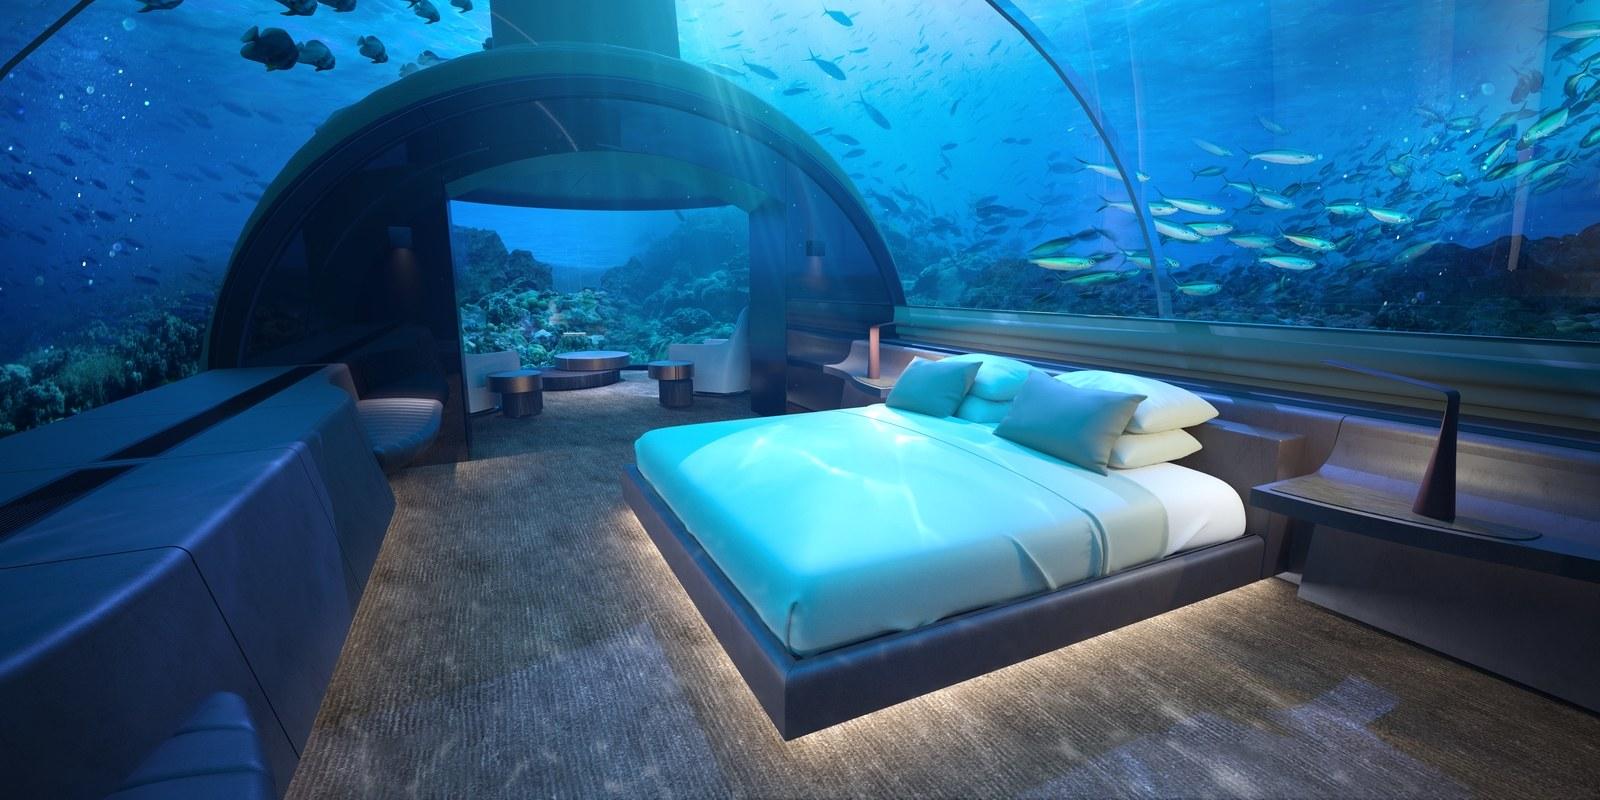 Dormitorio sumergido